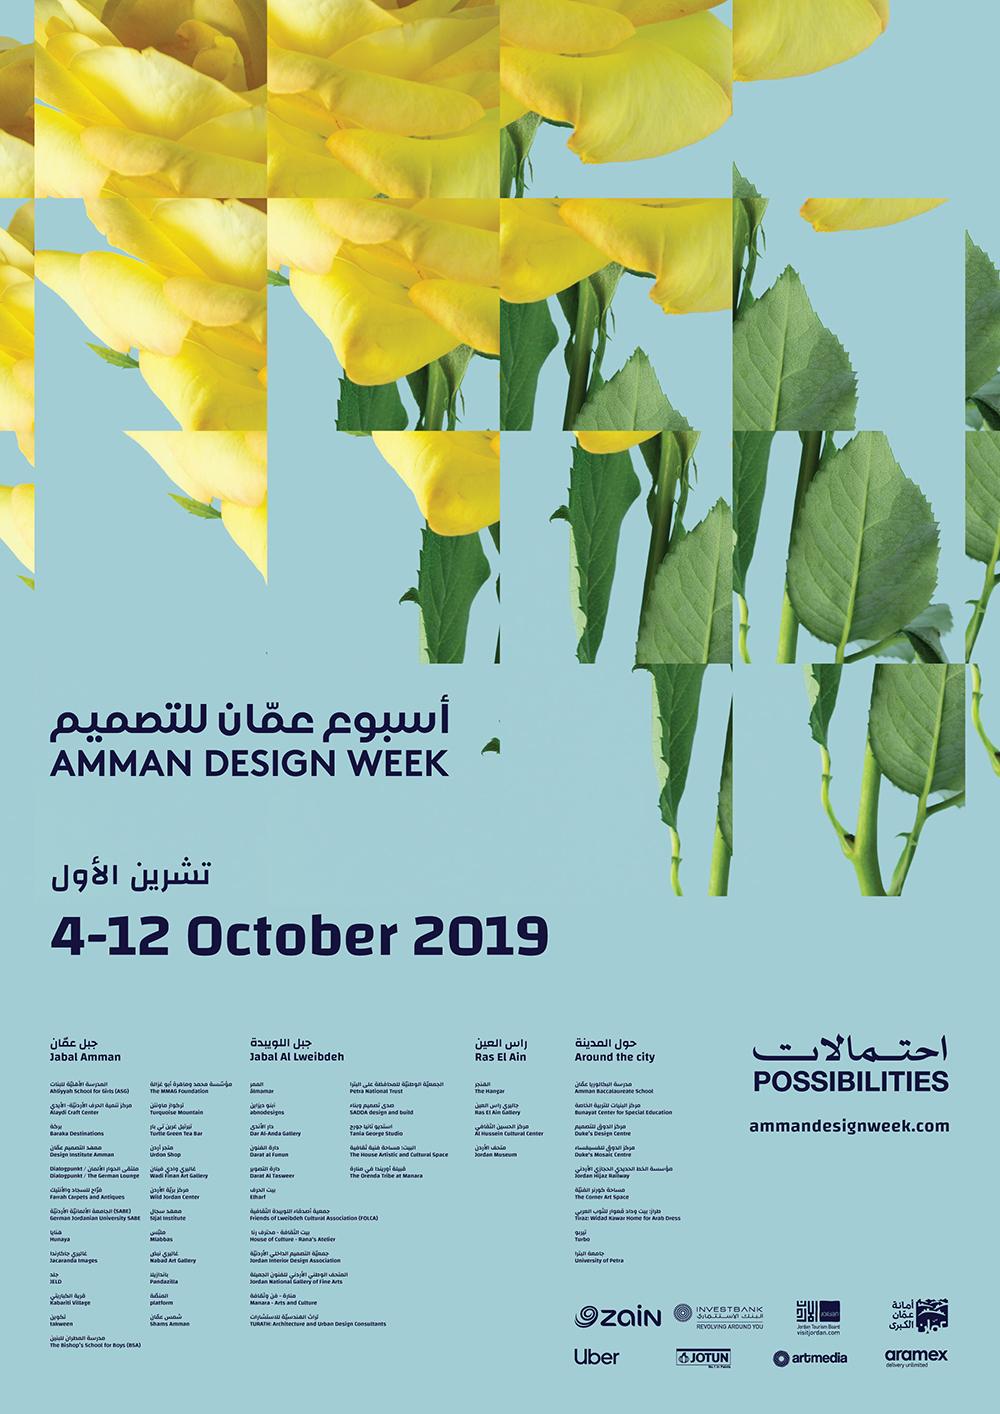 Amman Design Week 2019 Main Poster